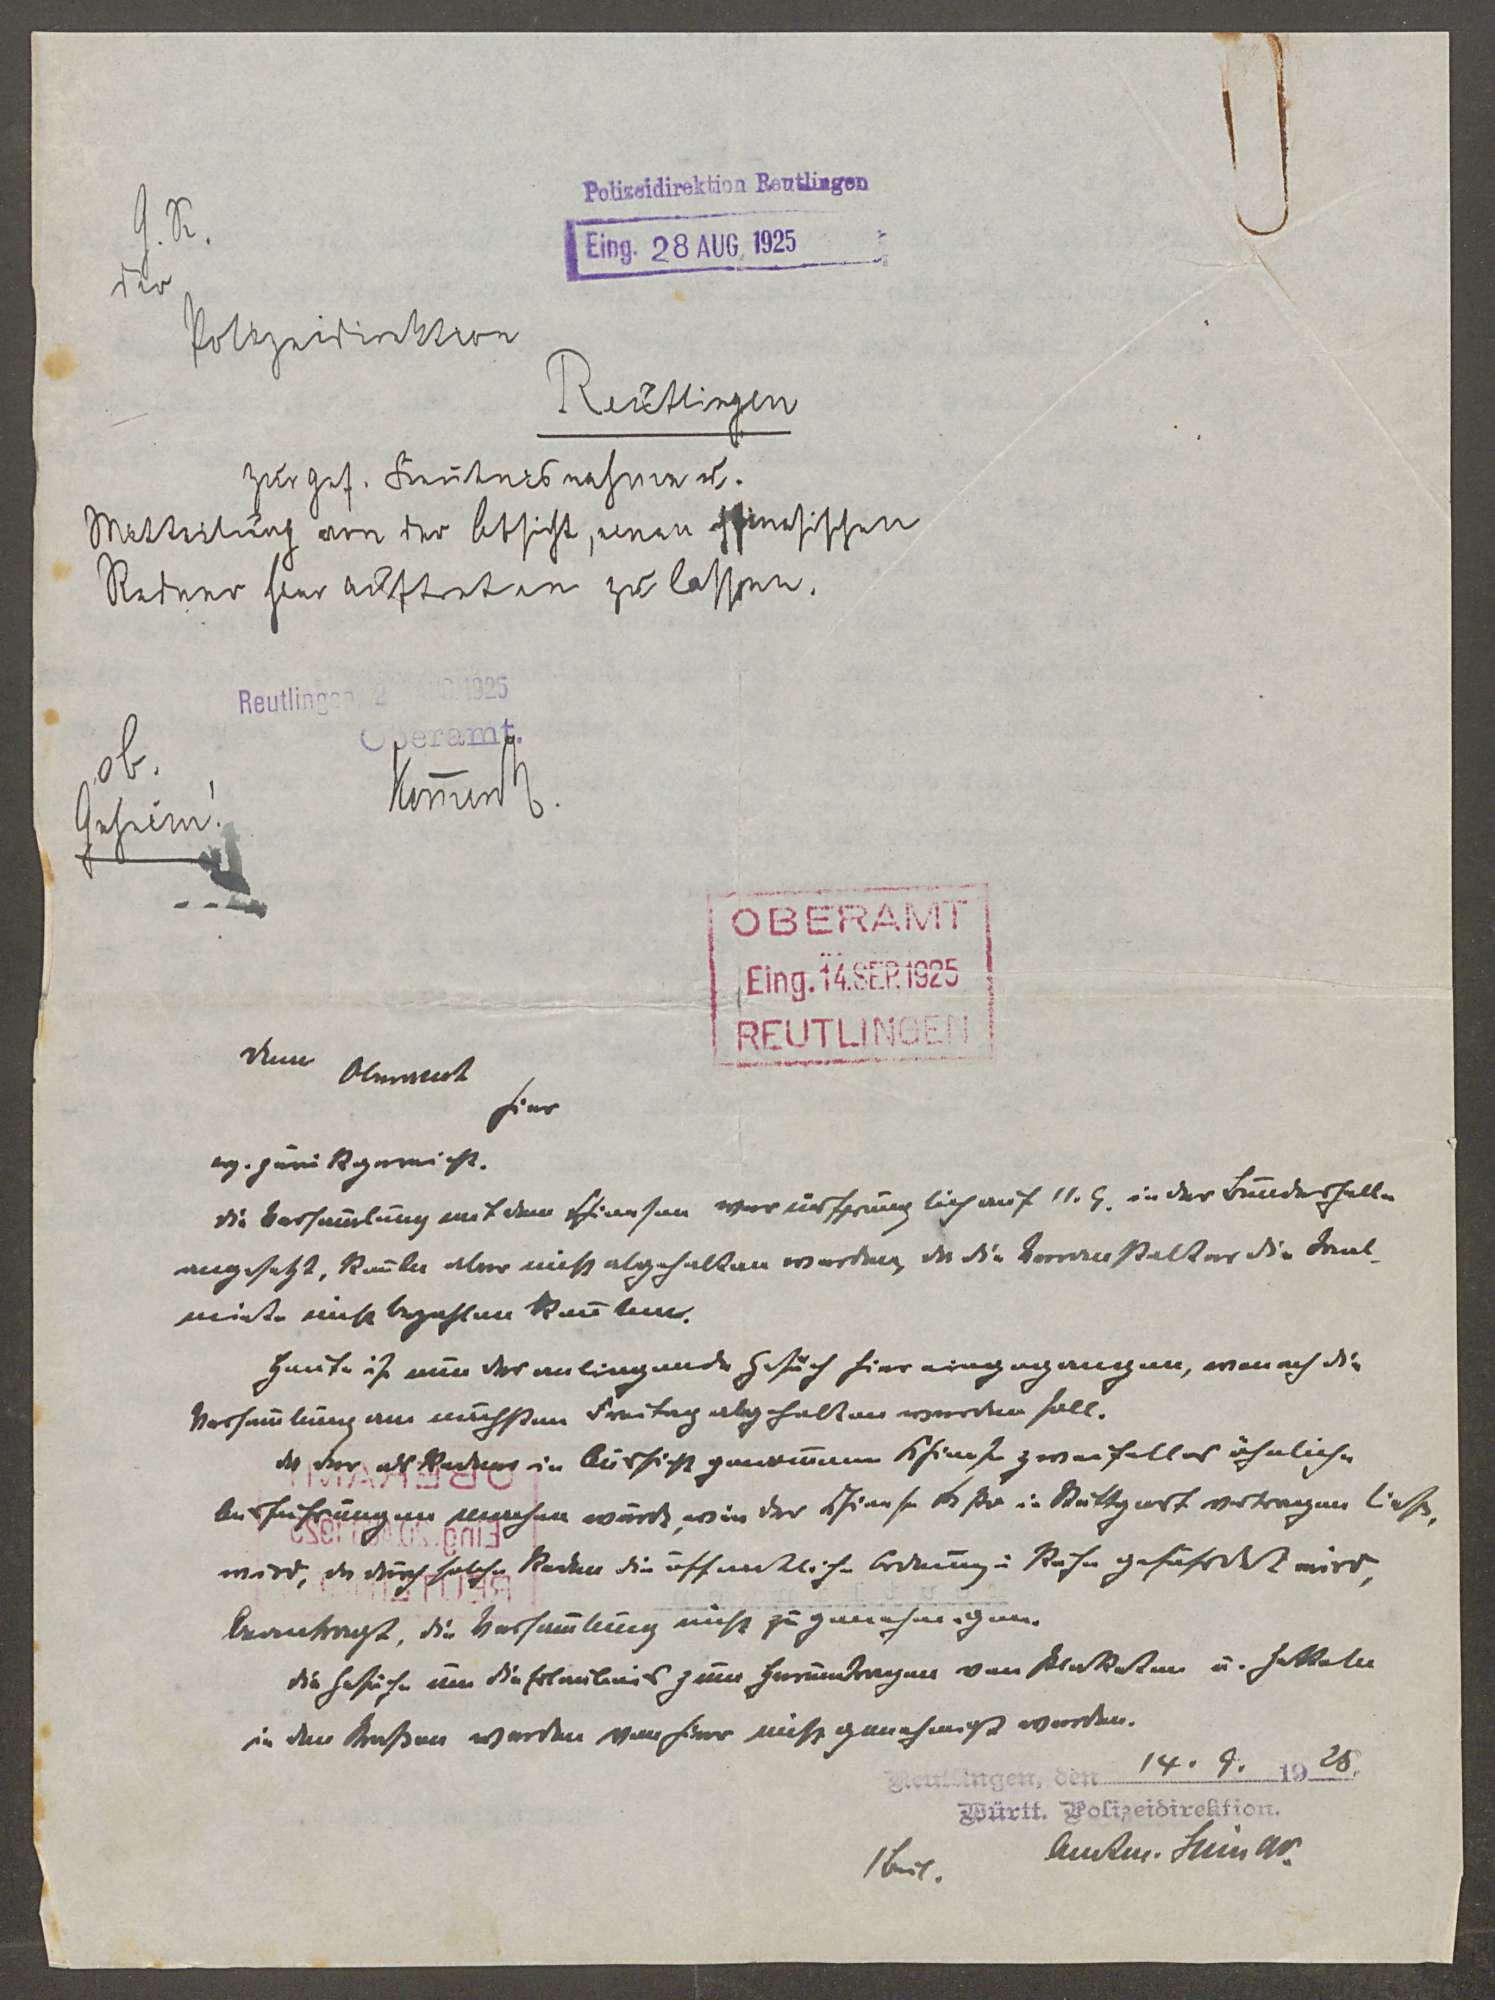 Versammlungen der Internationalen Arbeiterhilfe im Oberamt Reutlingen - Verbot für ausländische Redner, Bild 1